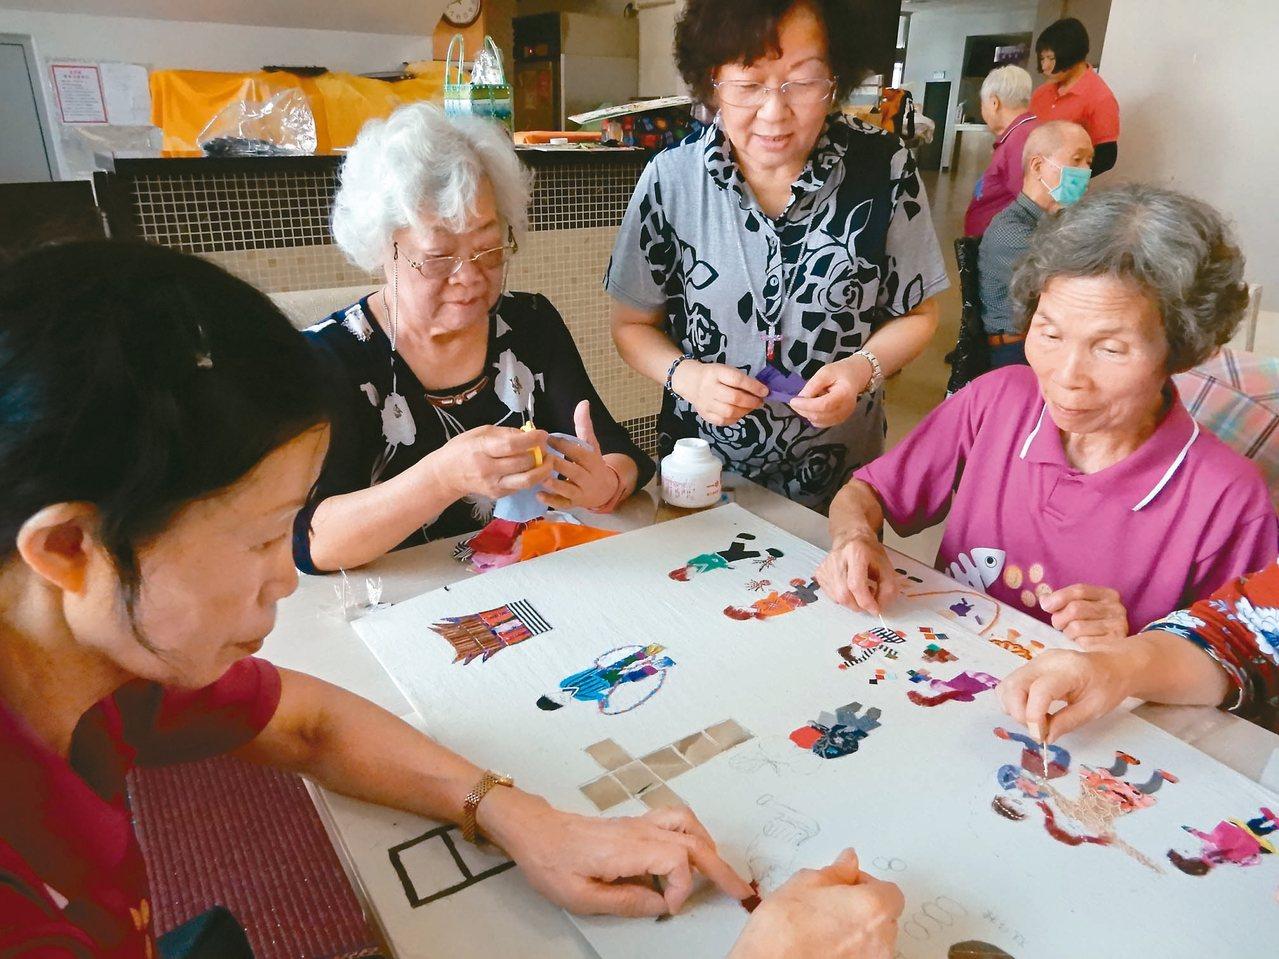 牛犁社區交流協會選擇用布拼貼,只要貼上去就有顏色,讓每個人都可以輕鬆創作。 圖/...